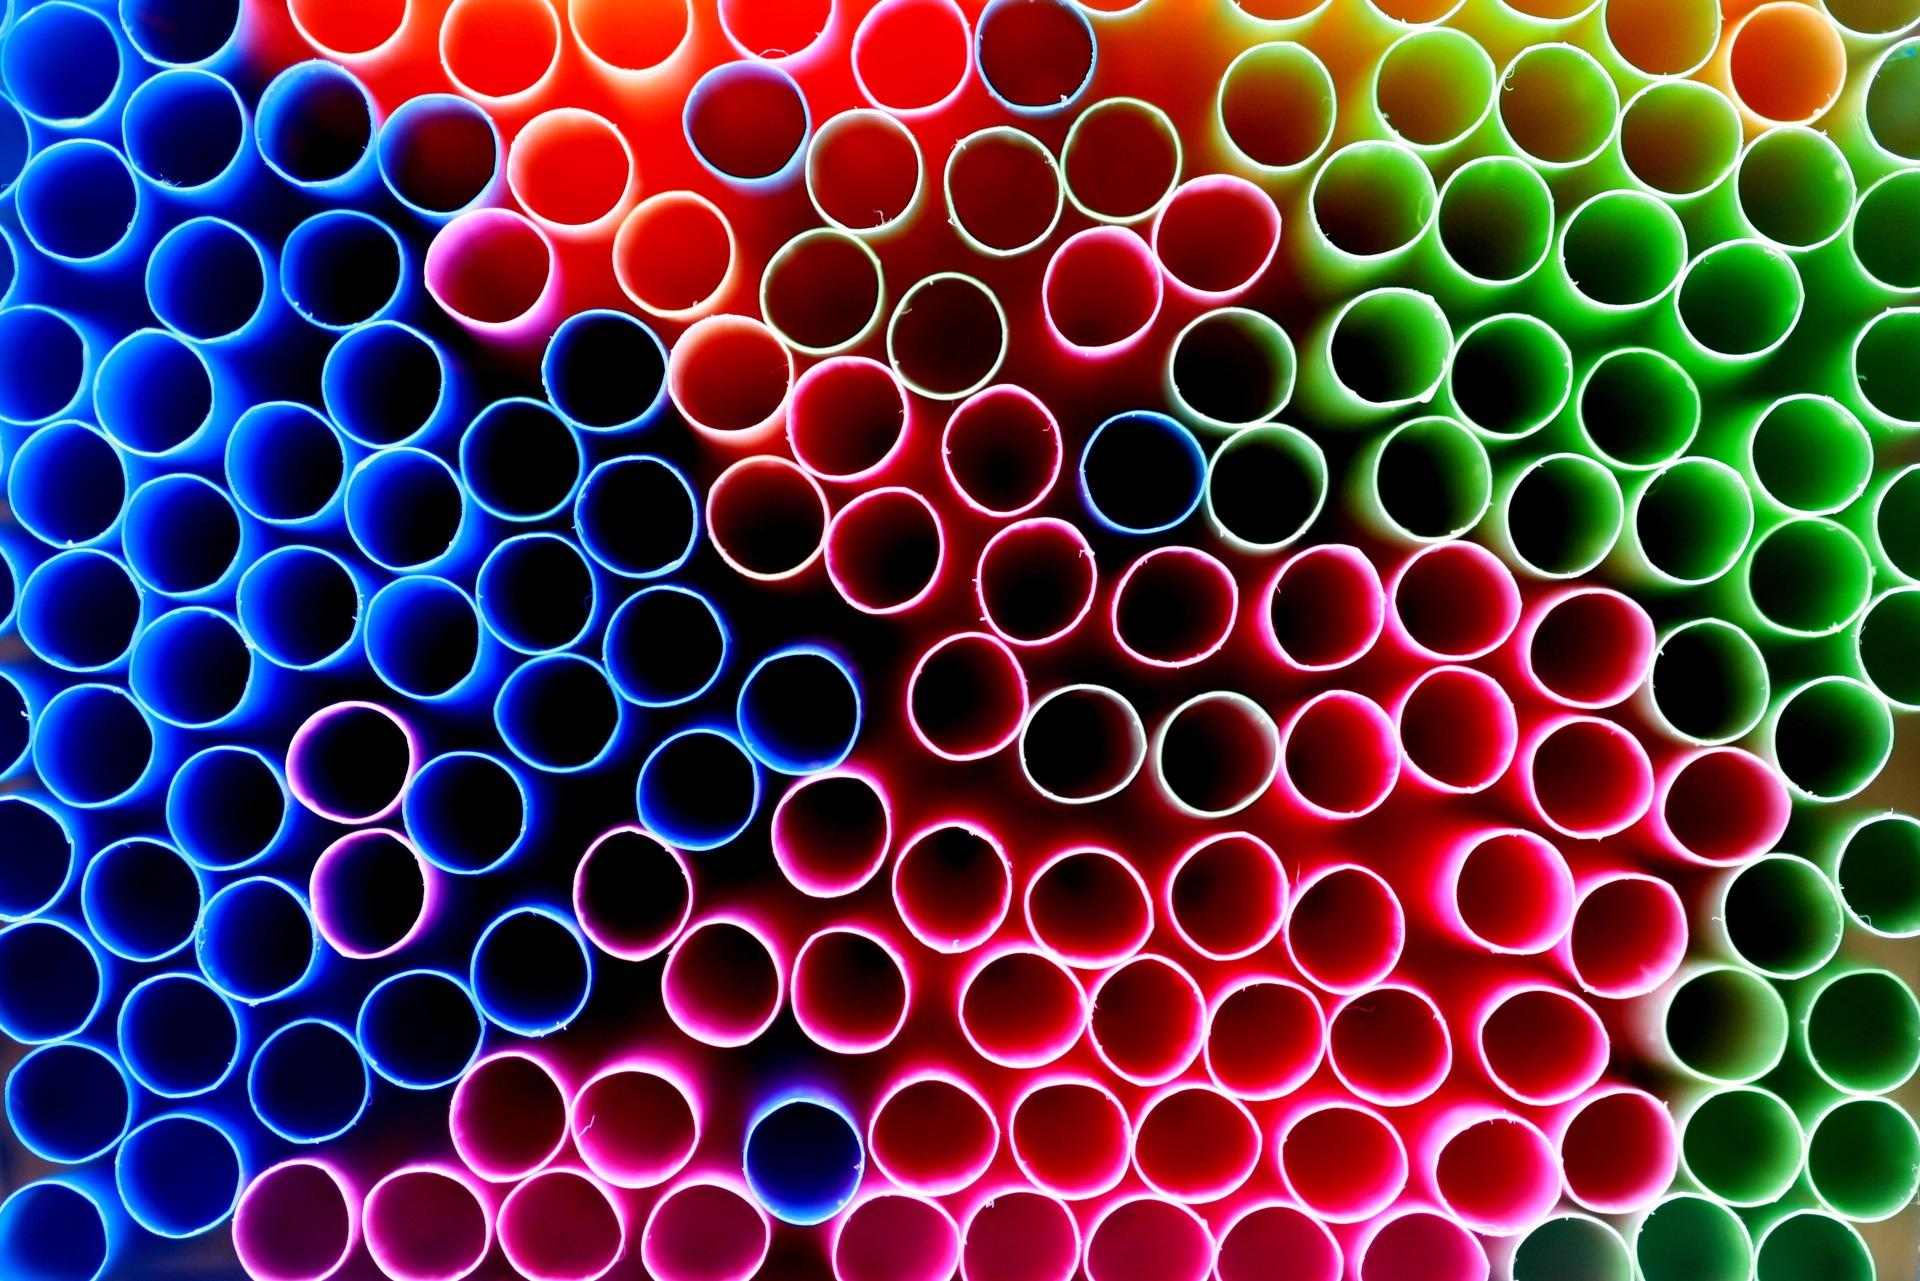 tubos, cores, círculos, colorido, quantidade - Papéis de parede HD - Professor-falken.com